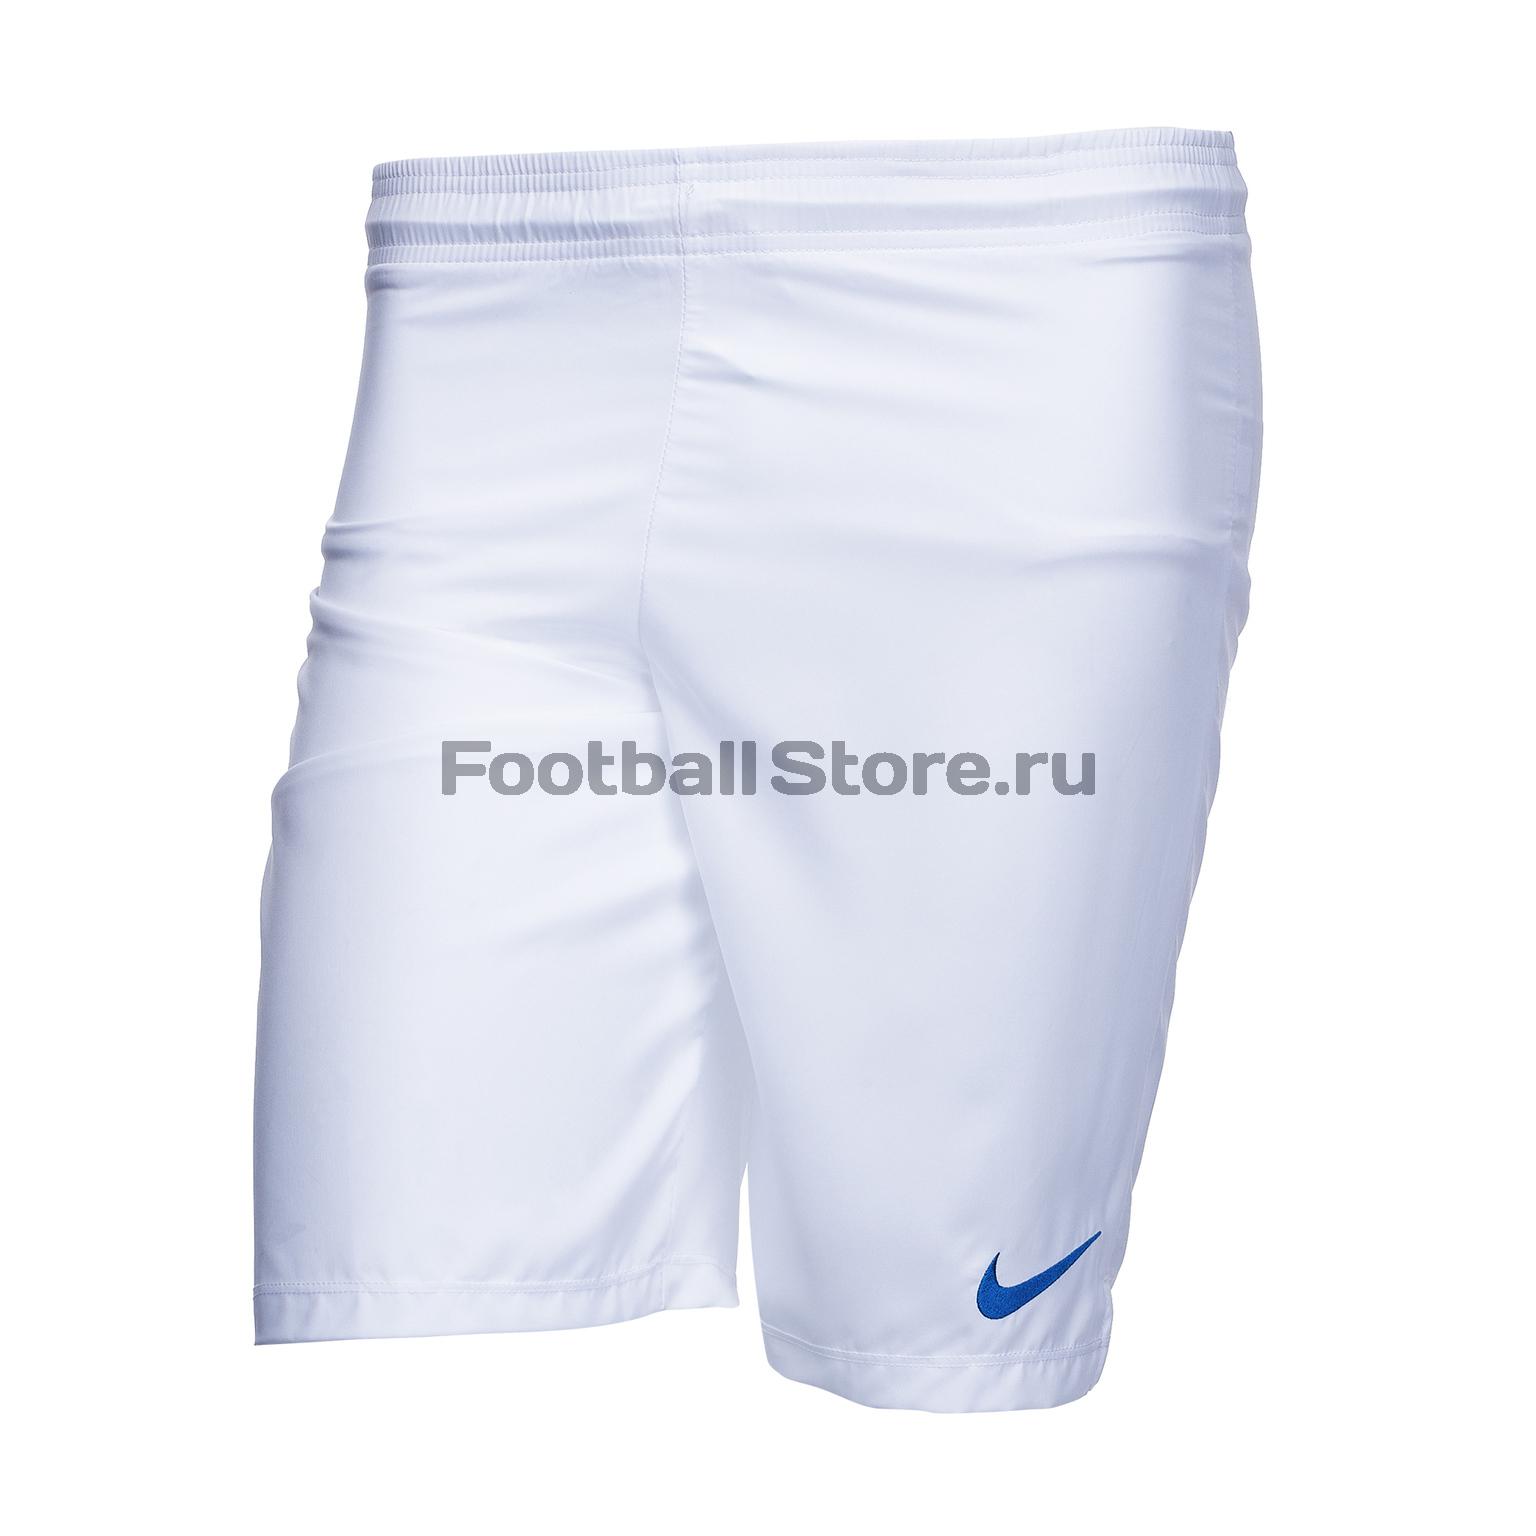 Шорты Nike Шорты Nike Laser Woven III Short NB 725901-101 nike шорты nike laser woven iii short nb 725901 410